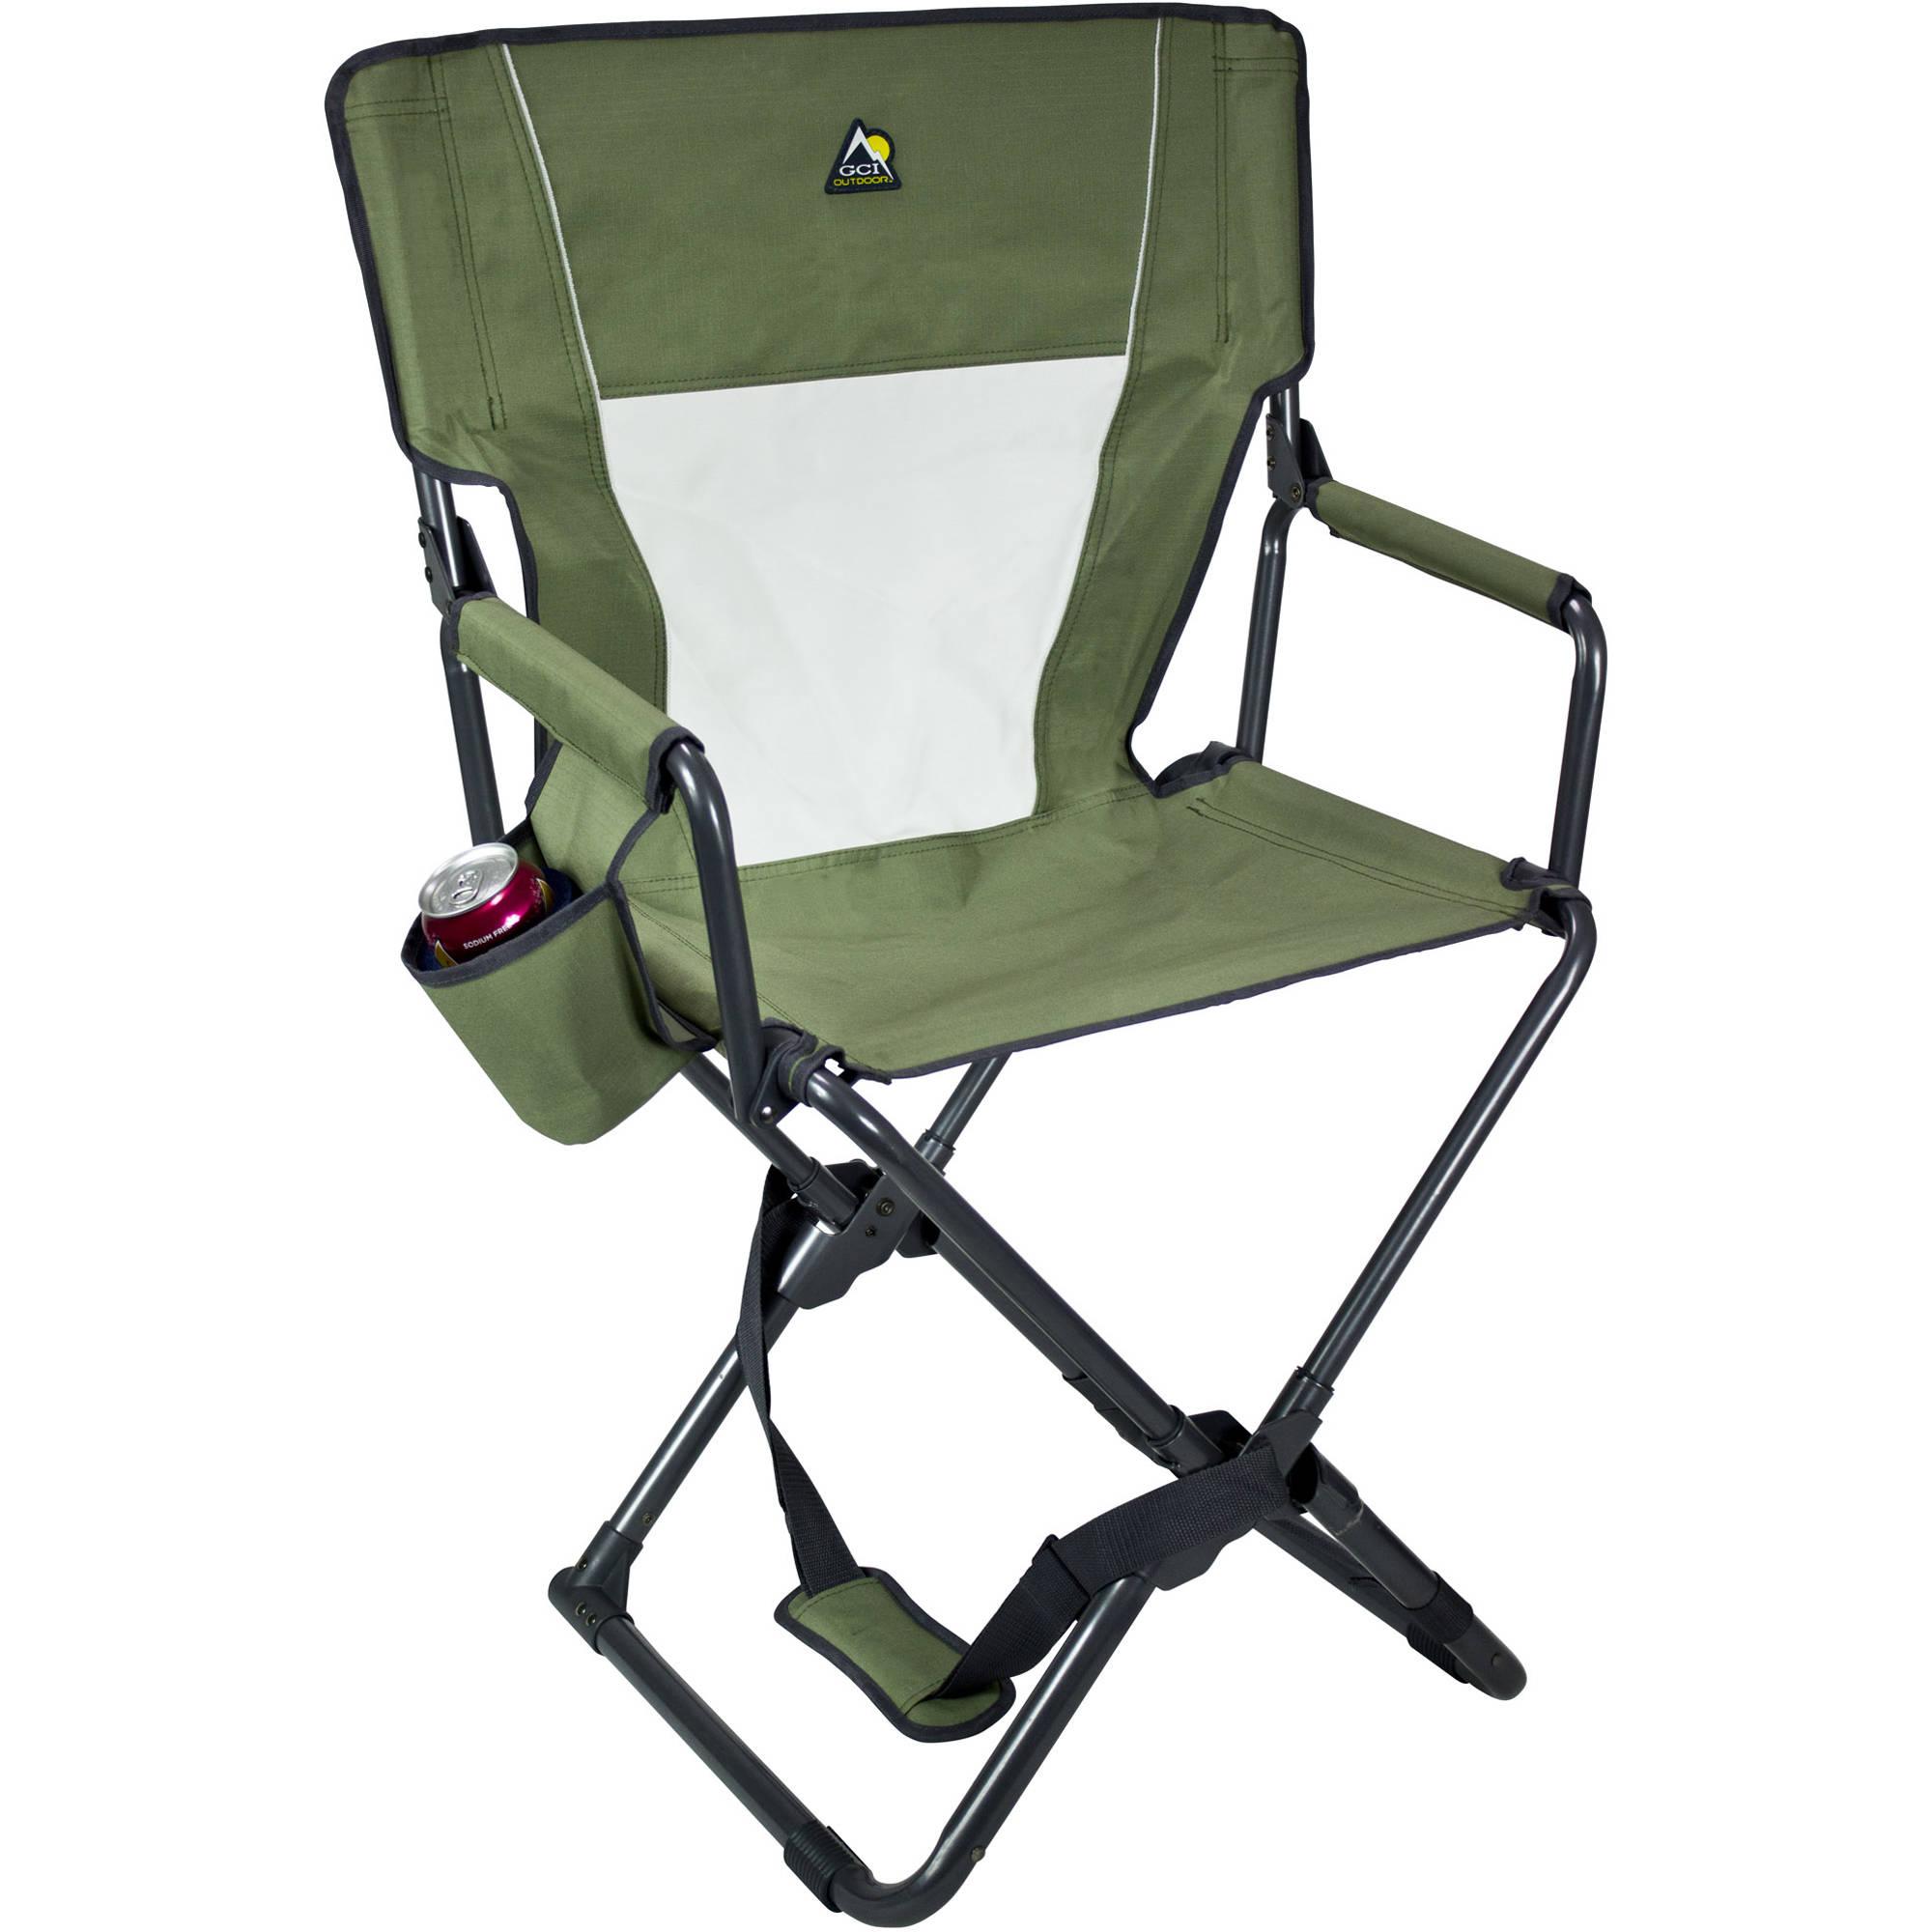 GCI Outdoor Xpress Director s Chair Loden Green B&H